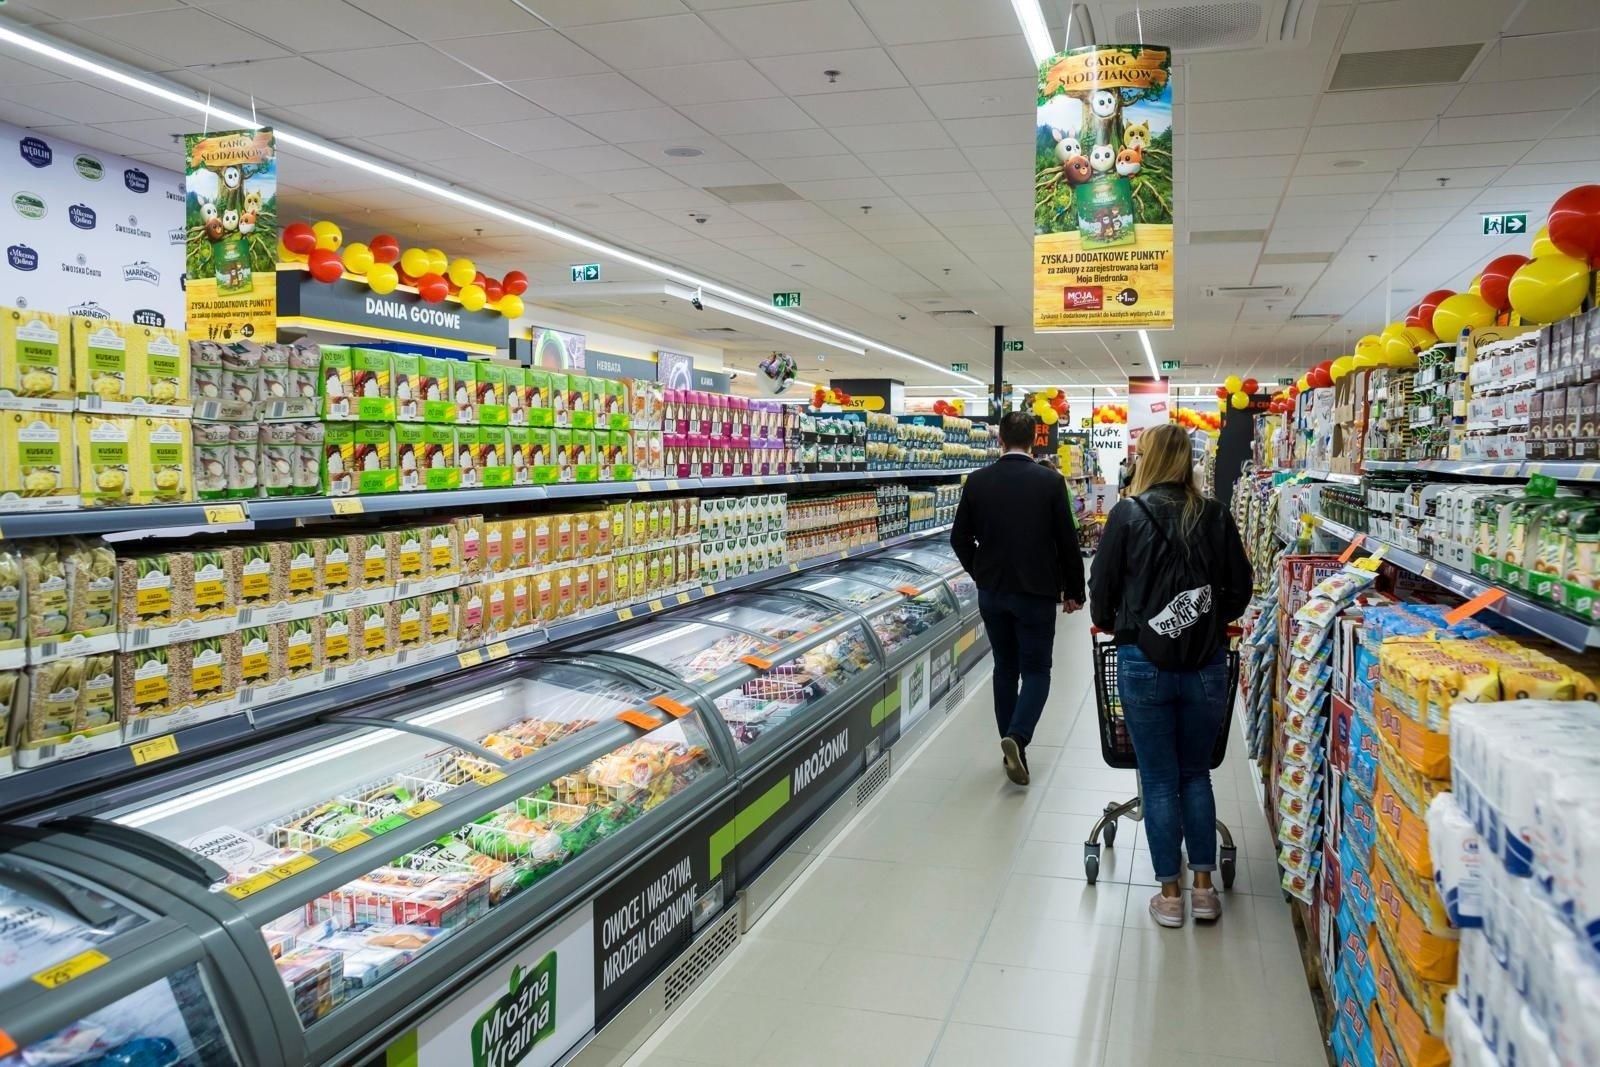 Niedziele handlowe styczeń 2020. Czy sklepy 12.01 są otwarte? Czy w niedzielę 12.01 zrobisz zakupy? Sprawdź! | Gazeta Pomorska